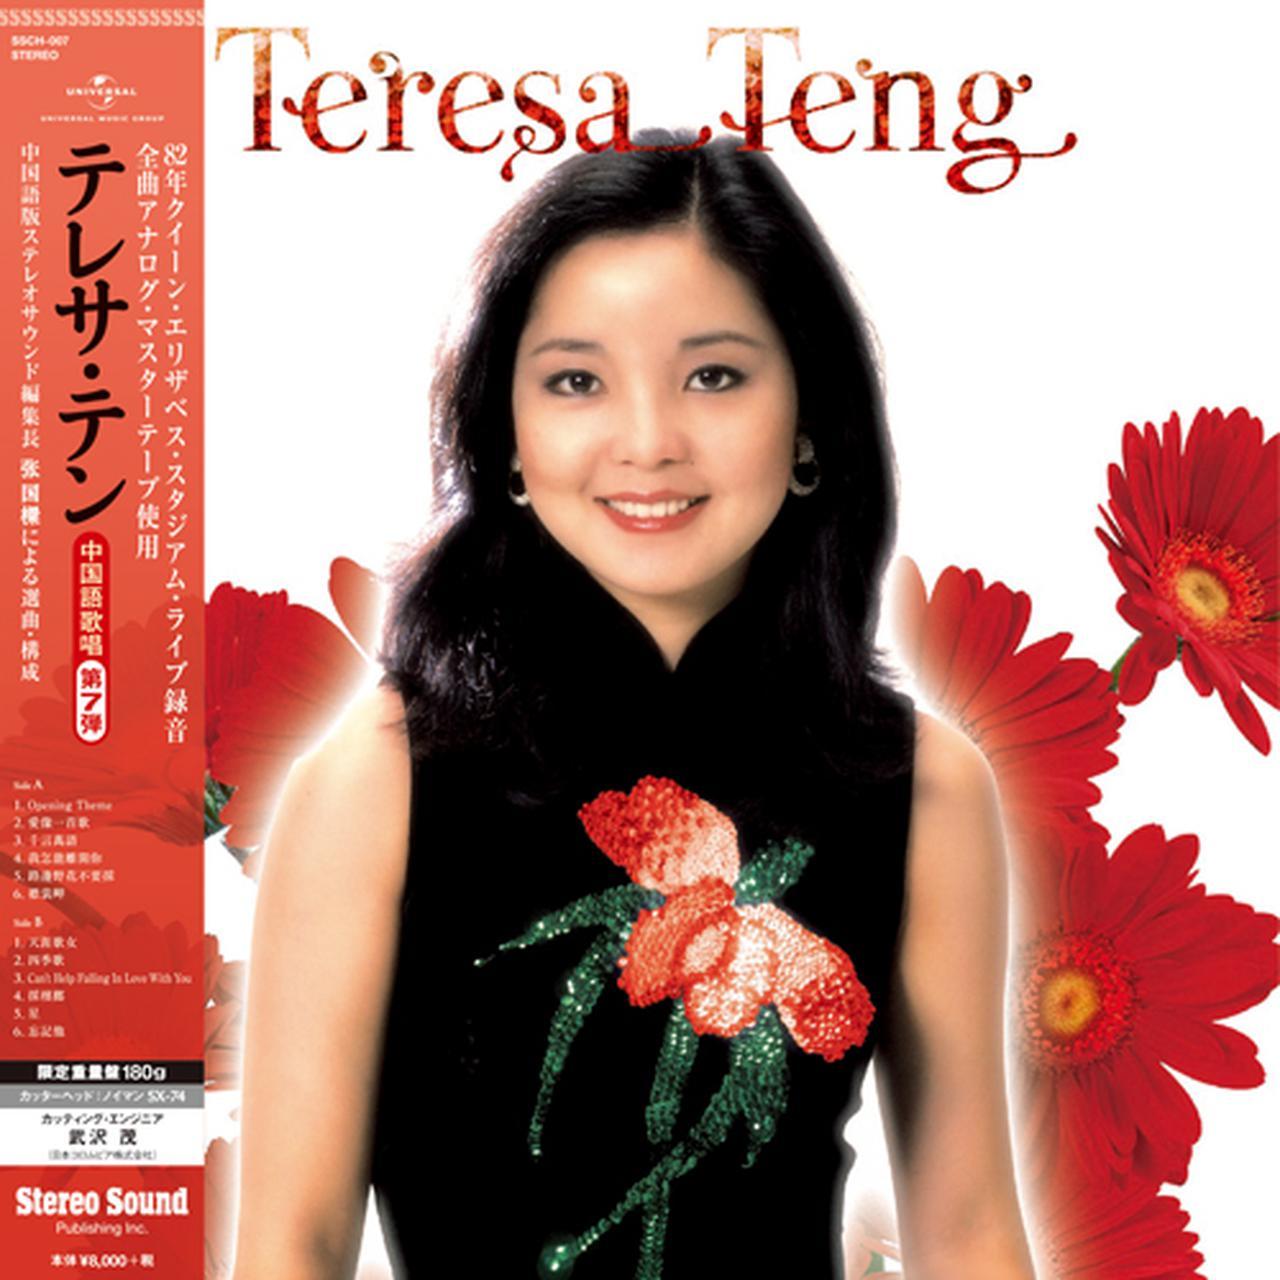 画像: テレサ・テン≪全曲中国語歌唱≫第7弾 (アナログレコード)SSCH-007